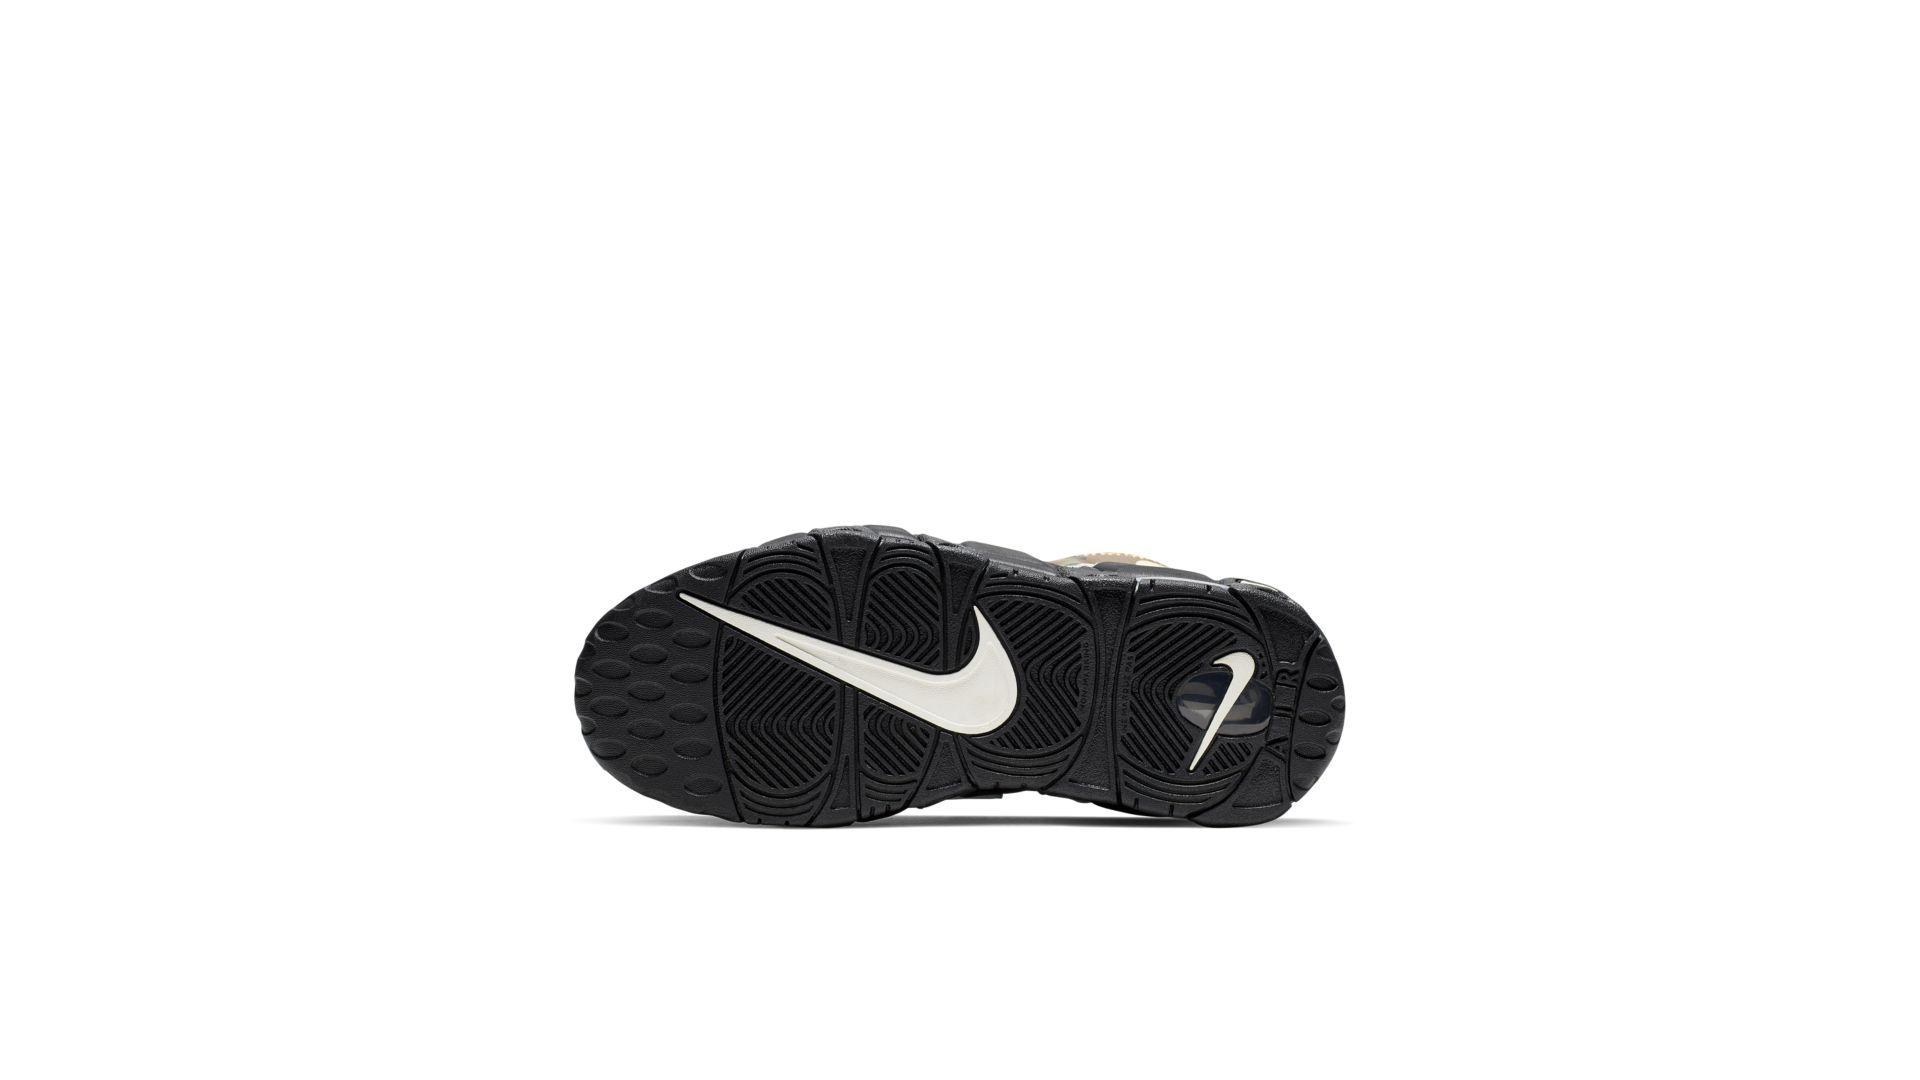 Nike Air More Uptempo 96 Camo (GS) (CJ0930-001)